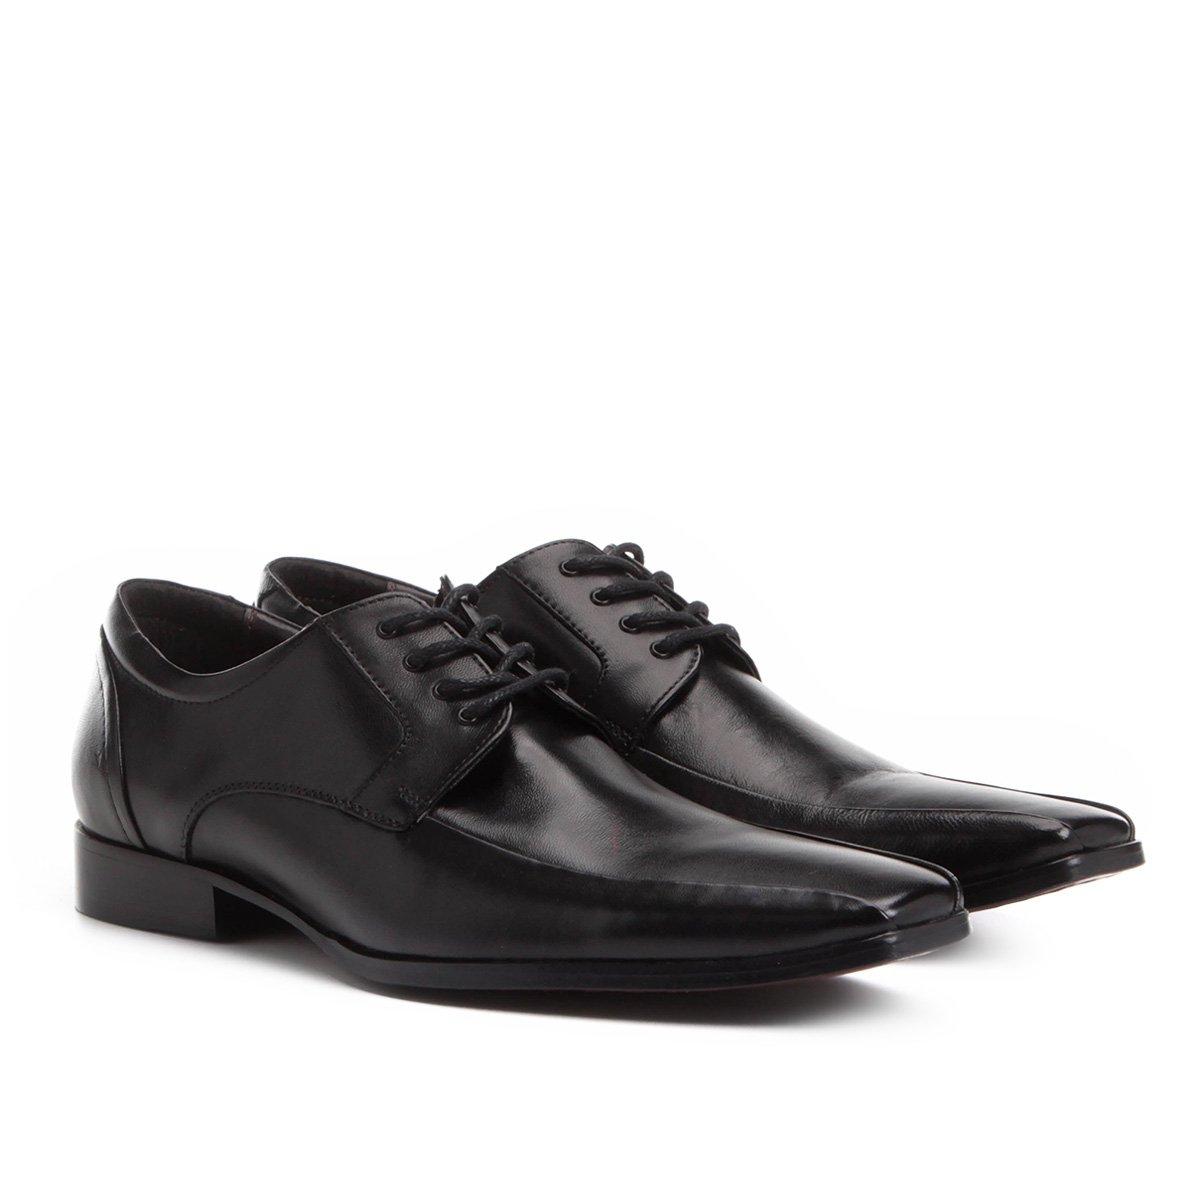 e7c7ed506f Sapato Social Couro Shoestock Amarração Masculino | Shoestock